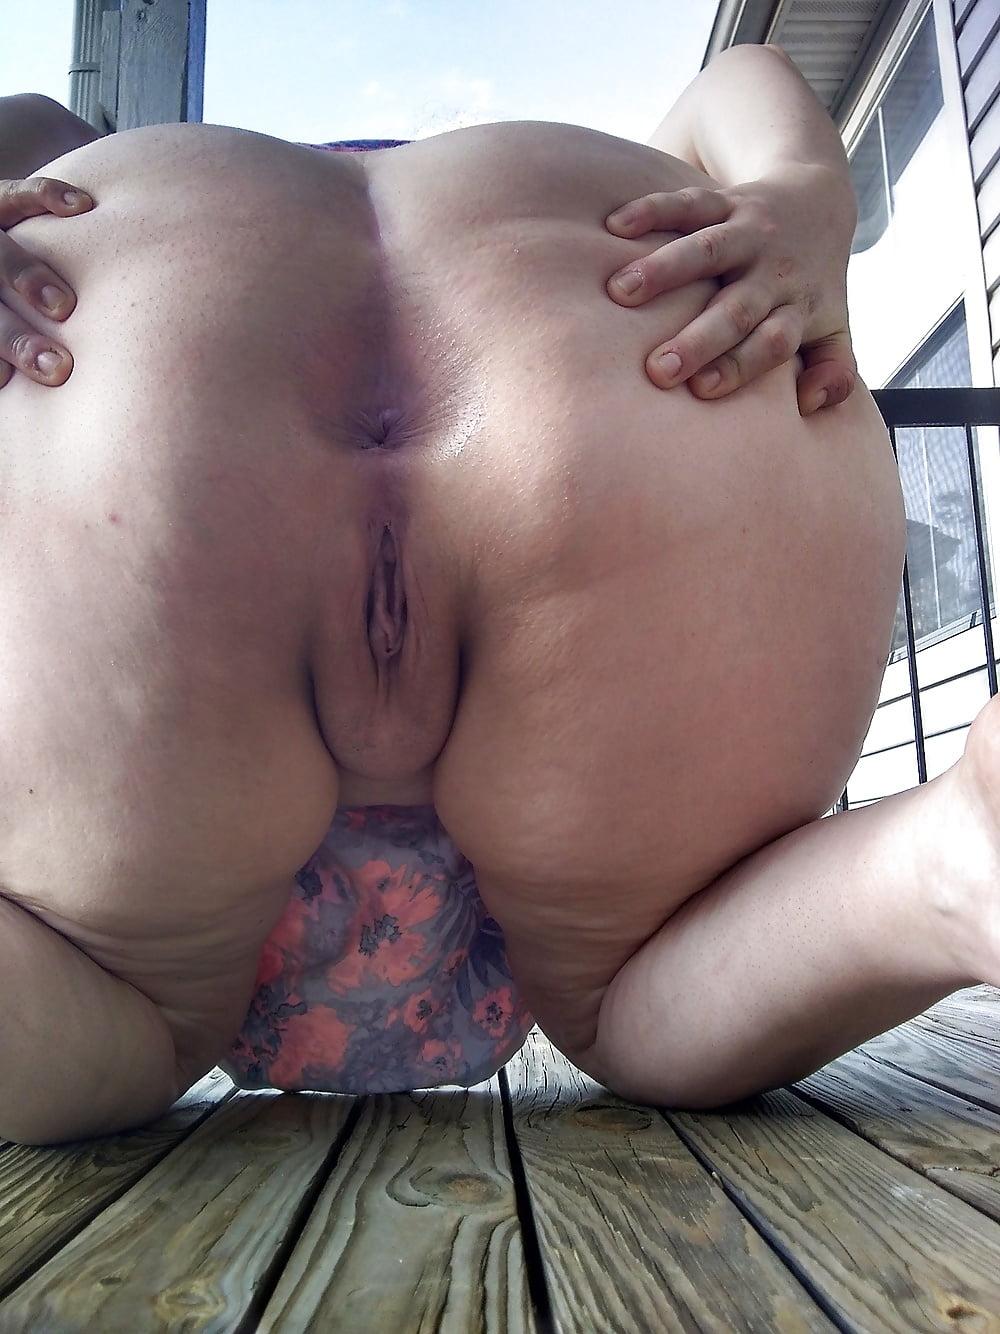 Ass bbw hole